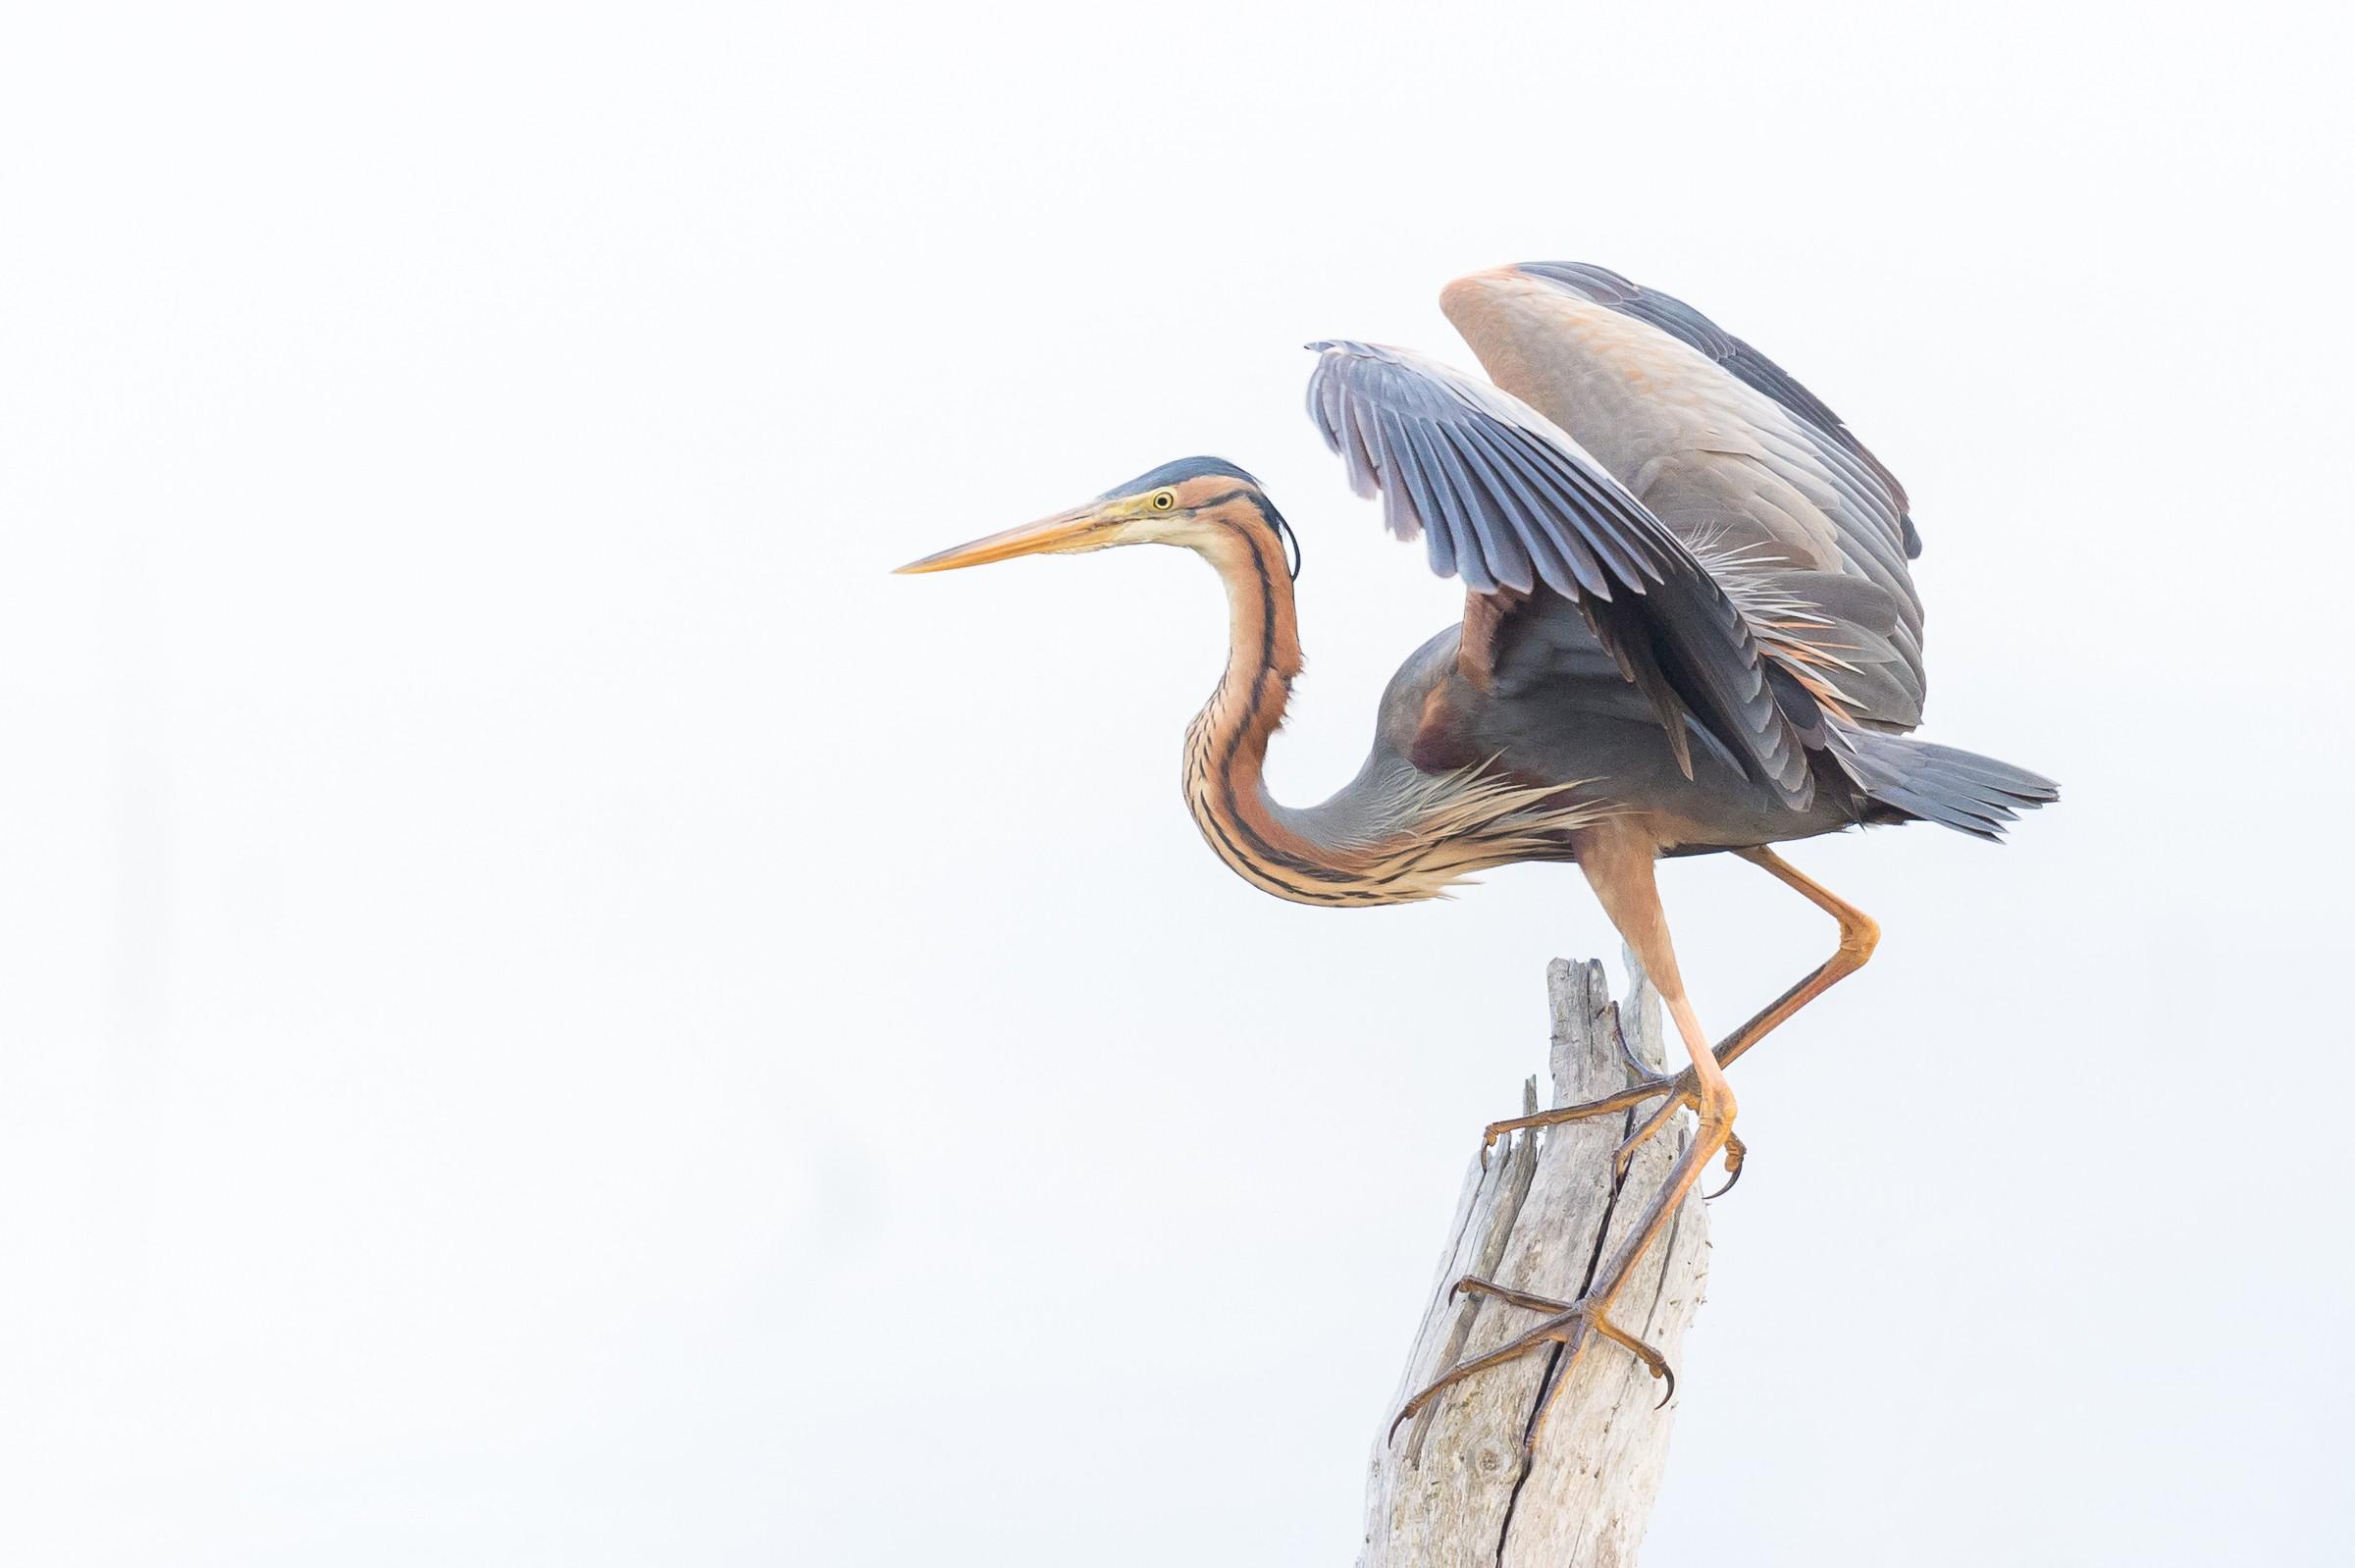 vogels BHW 0922